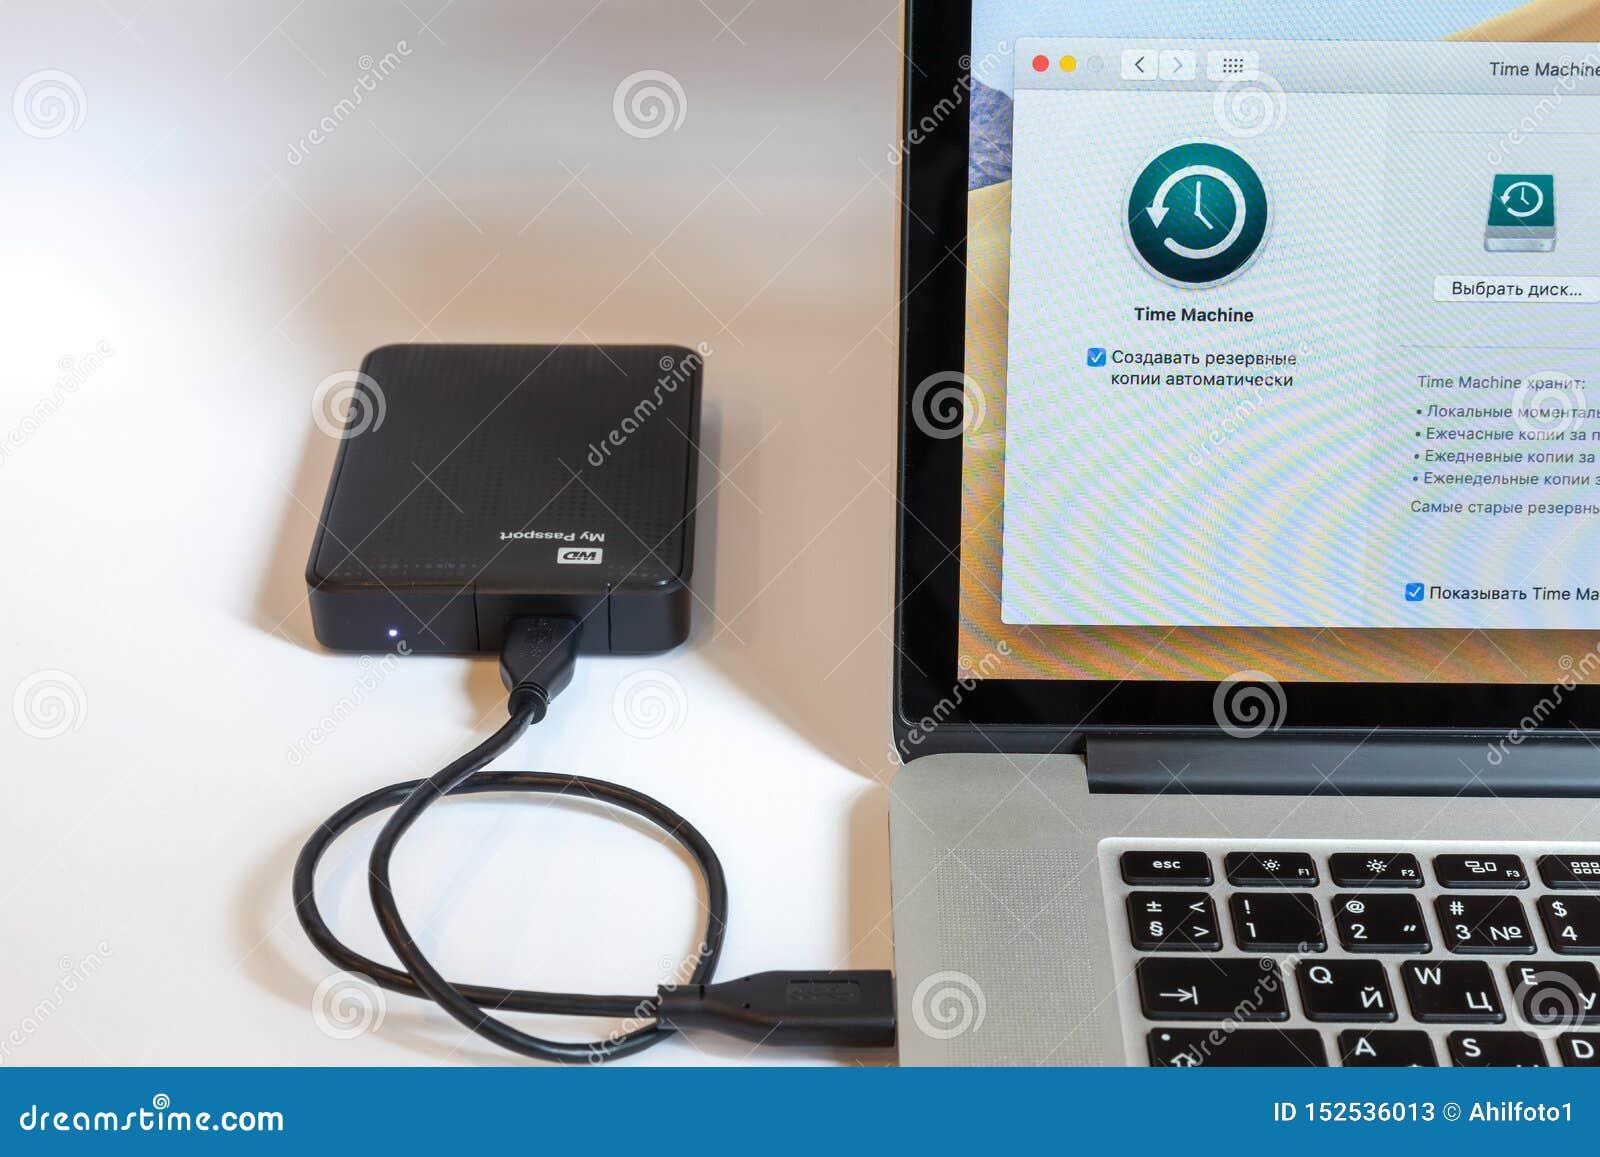 莫斯科/俄罗斯- 2019年7月7日:开放MacBook,屏幕上的节目时间机器 一个外在硬盘被连接到MacBook